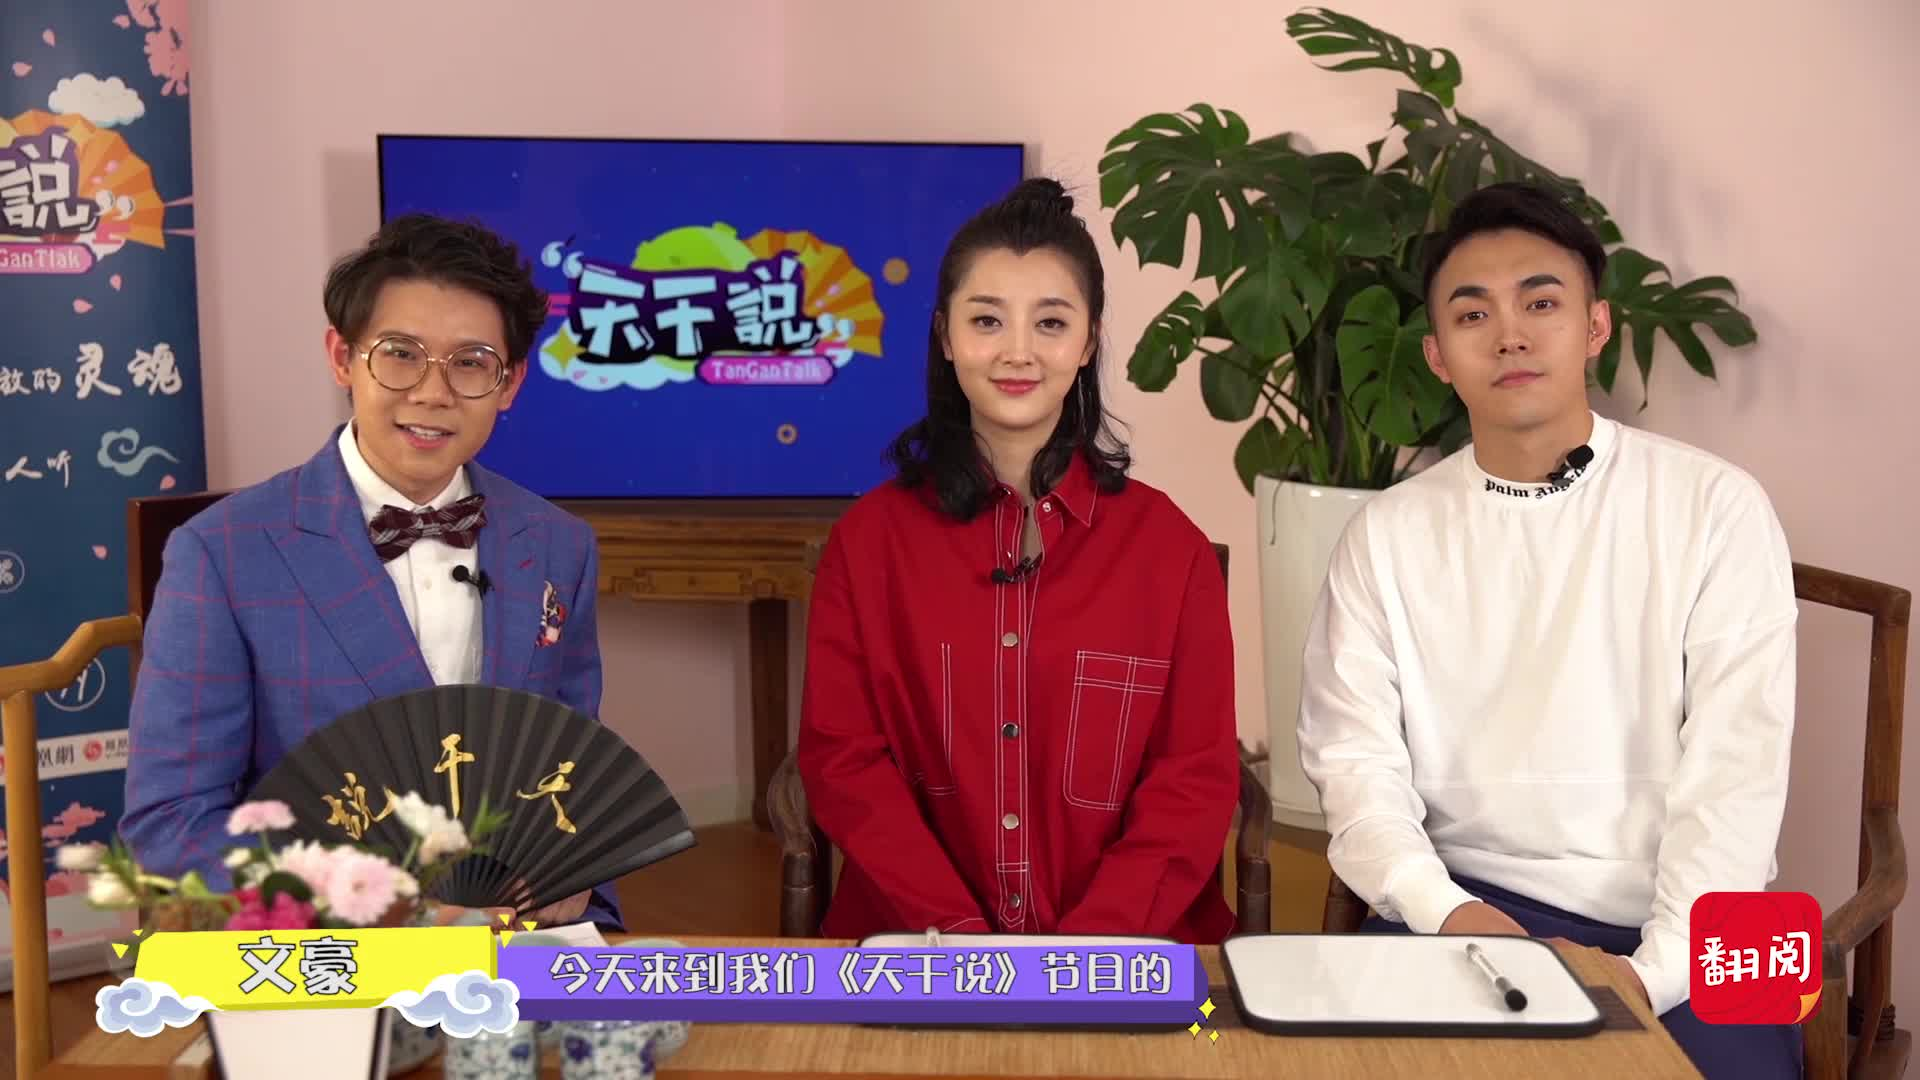 《天干说》演员胡樱子和演员王心新实名认证文豪大师的神分析